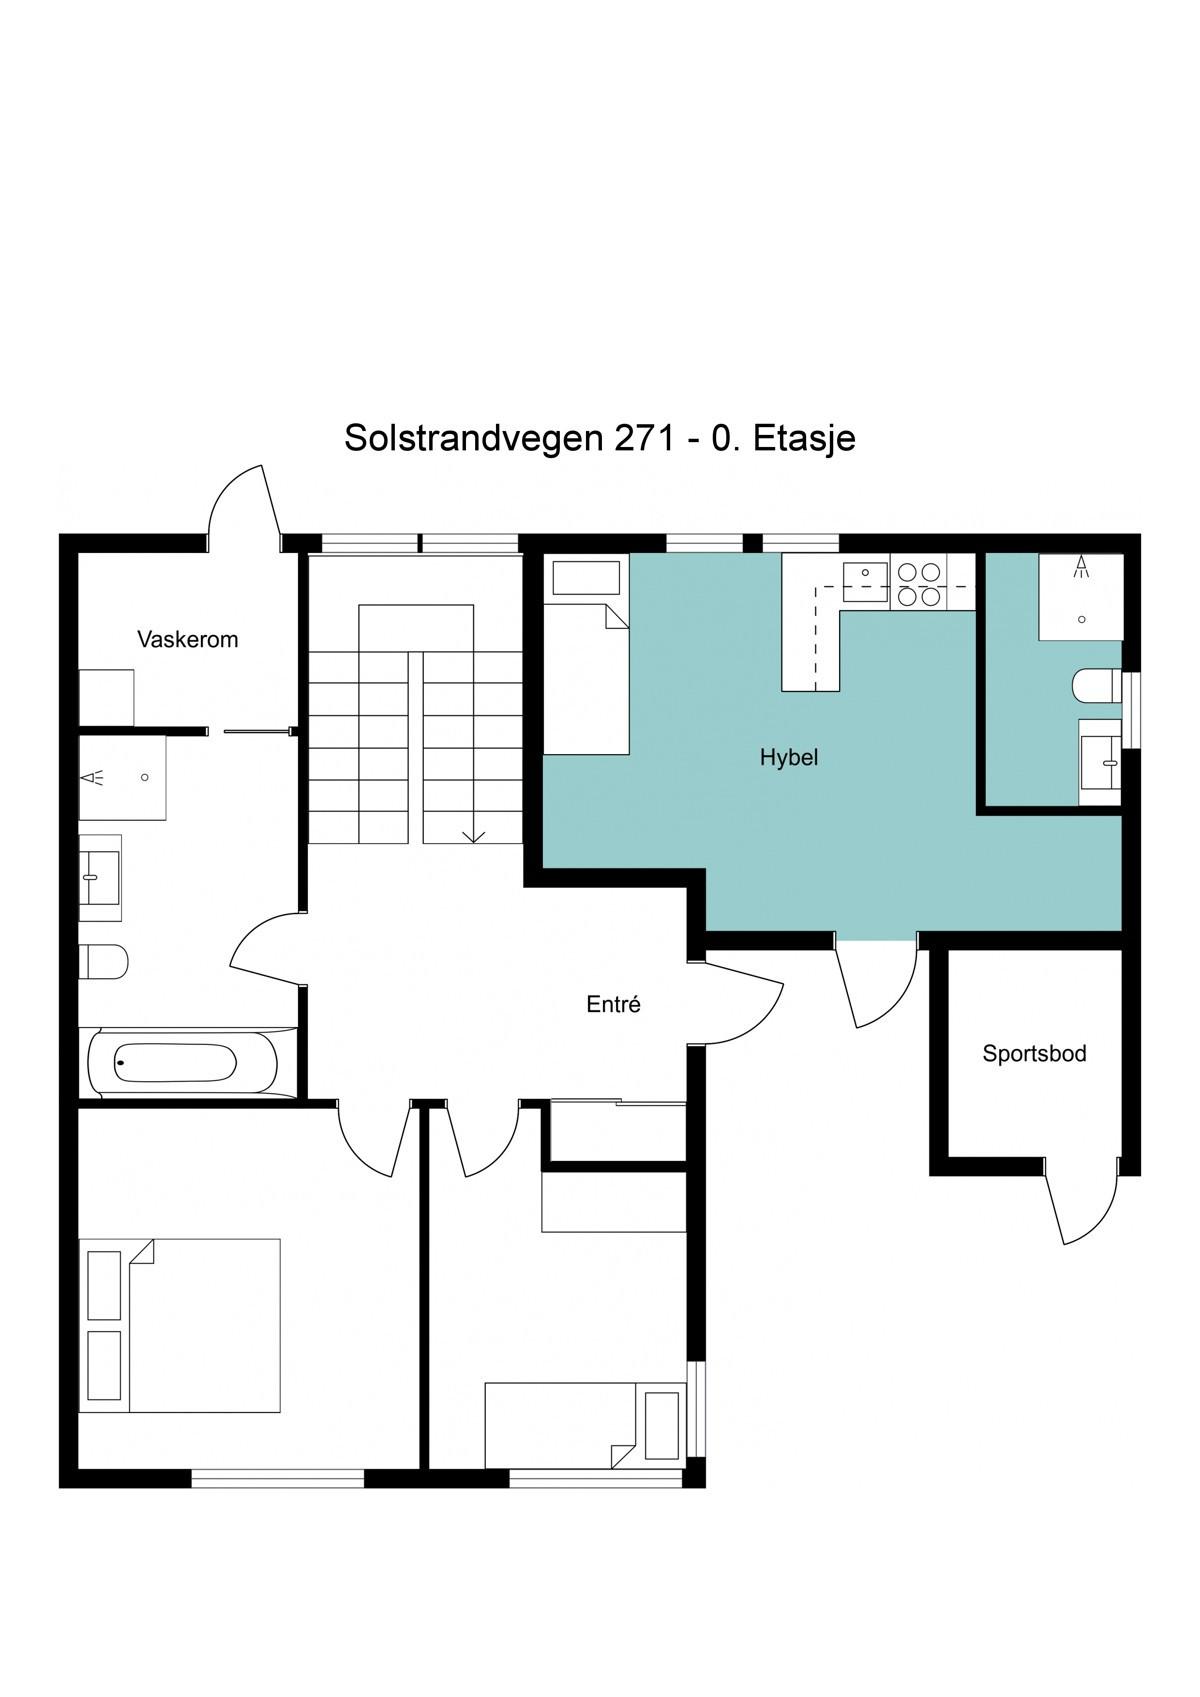 Planskisse 0. etasje